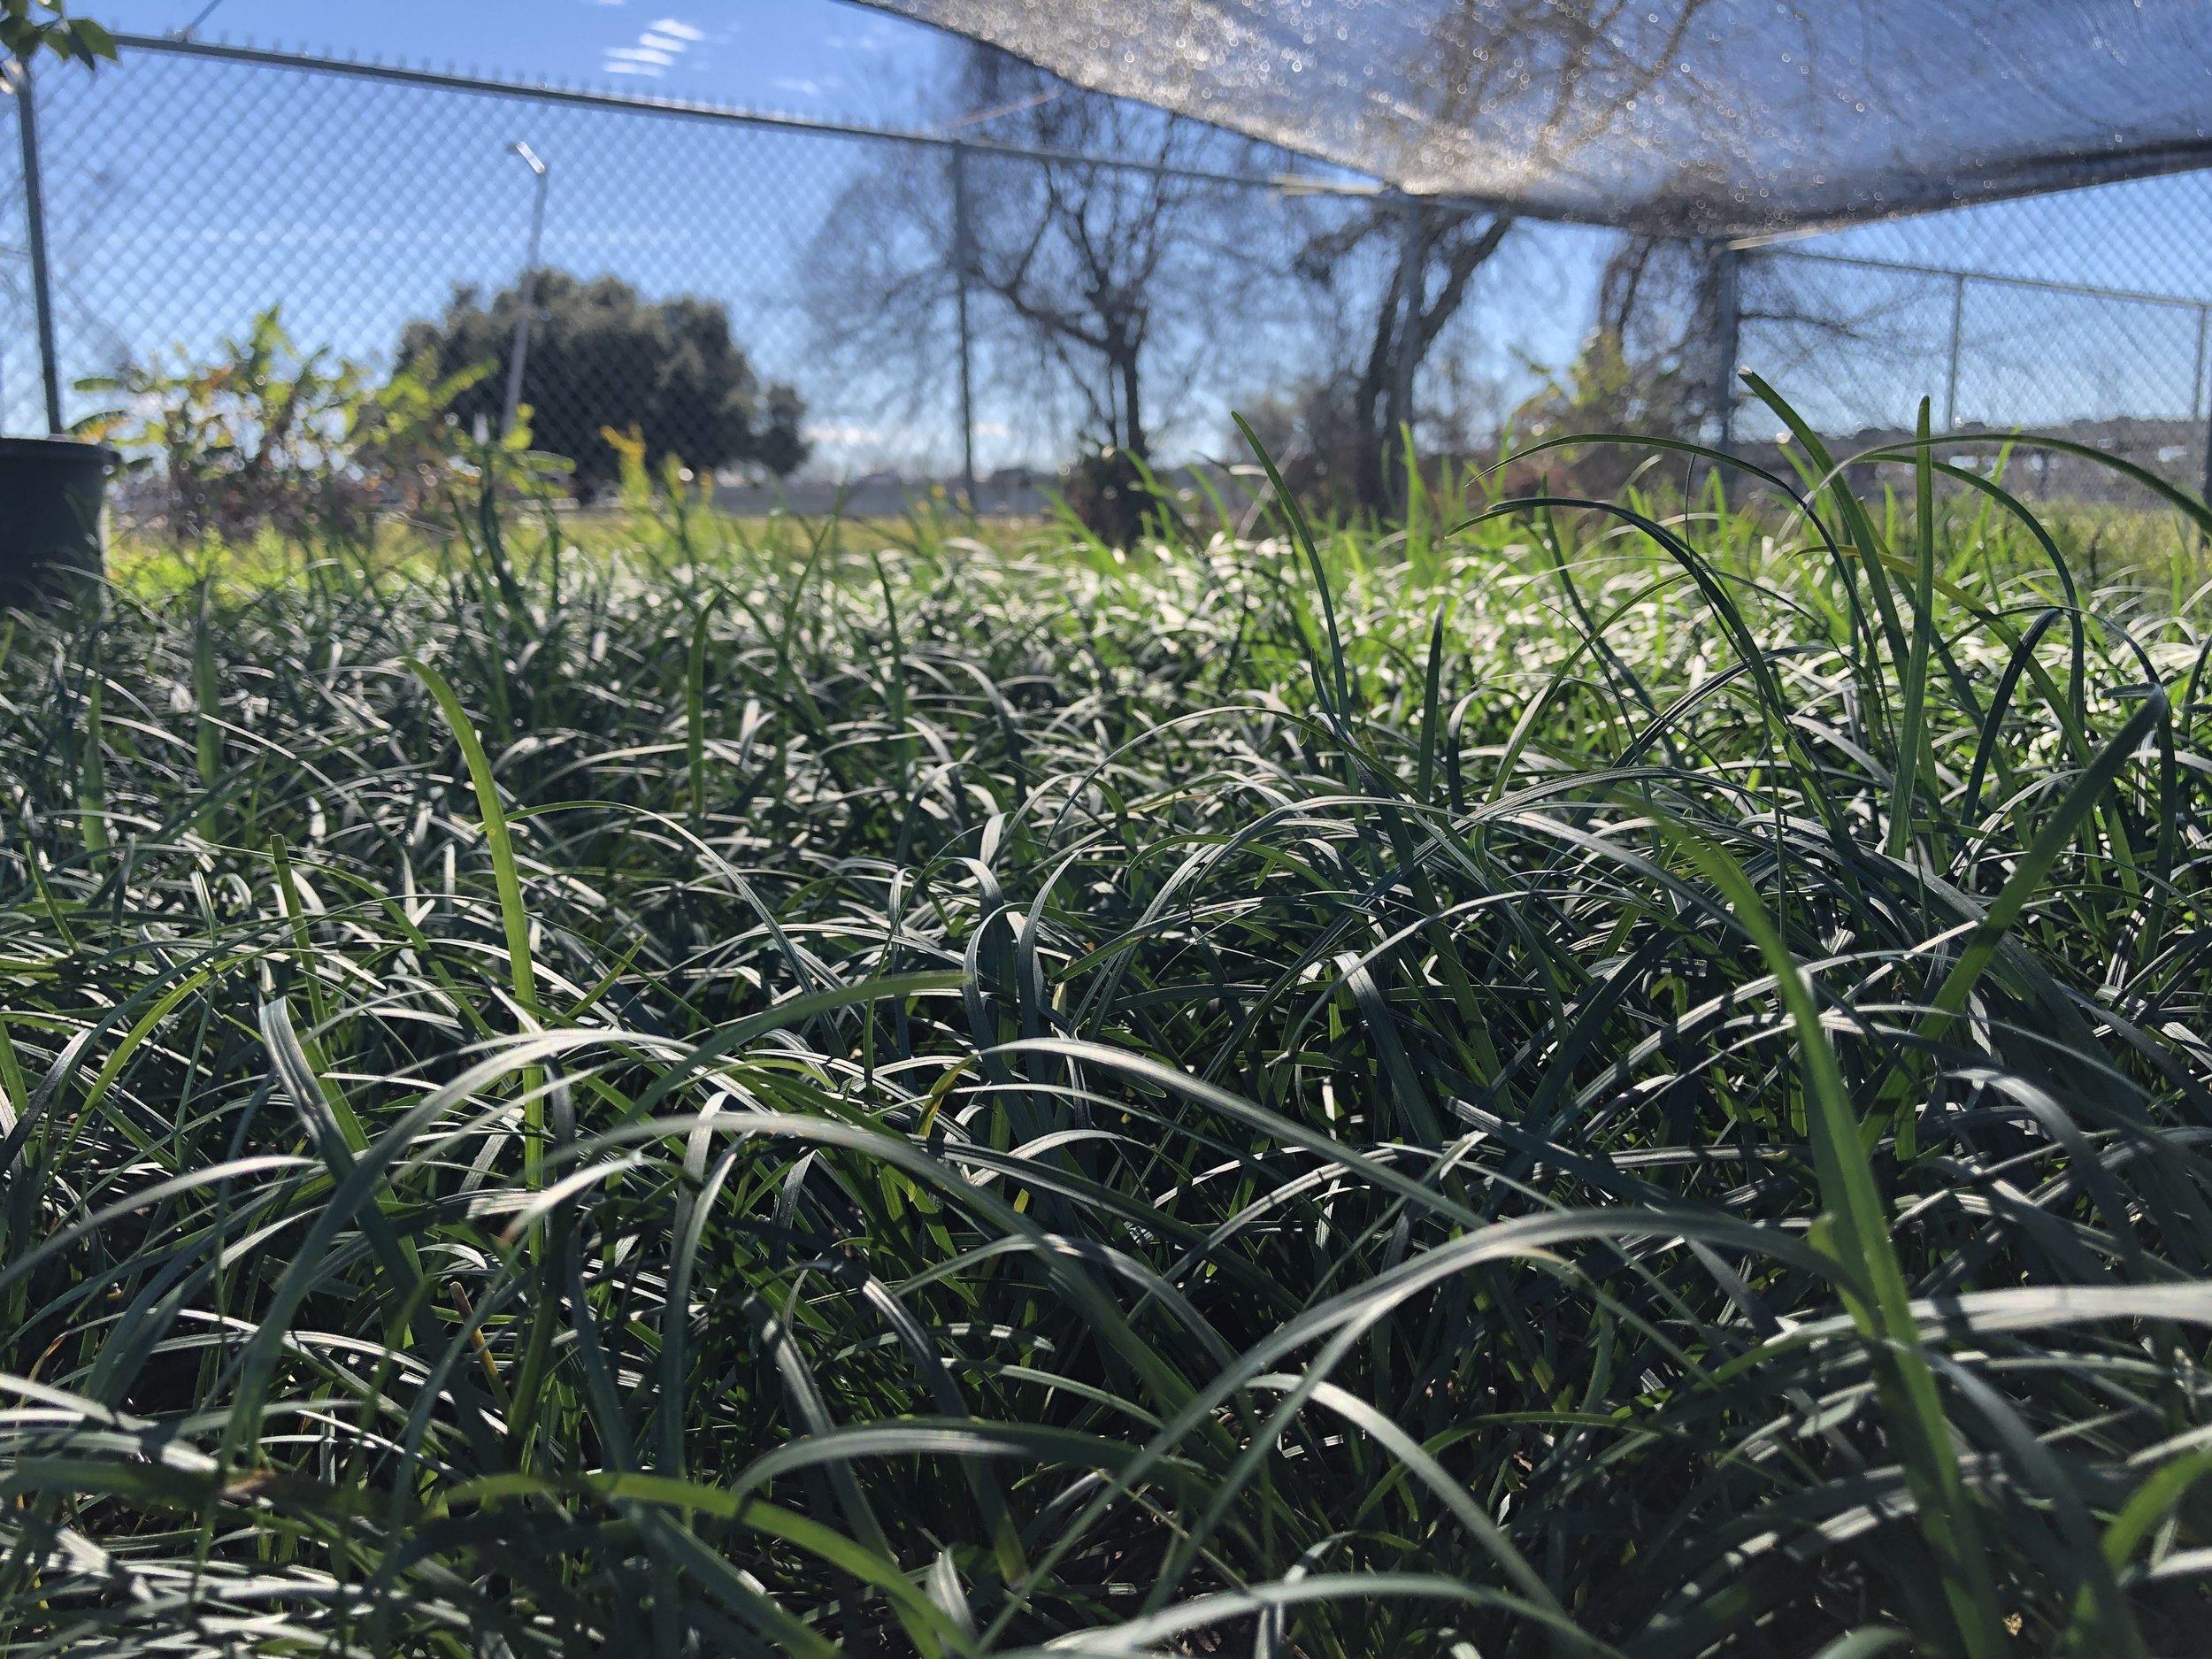 Groundcovers - Mondo Grass, Asian Jasmine, Liriope…